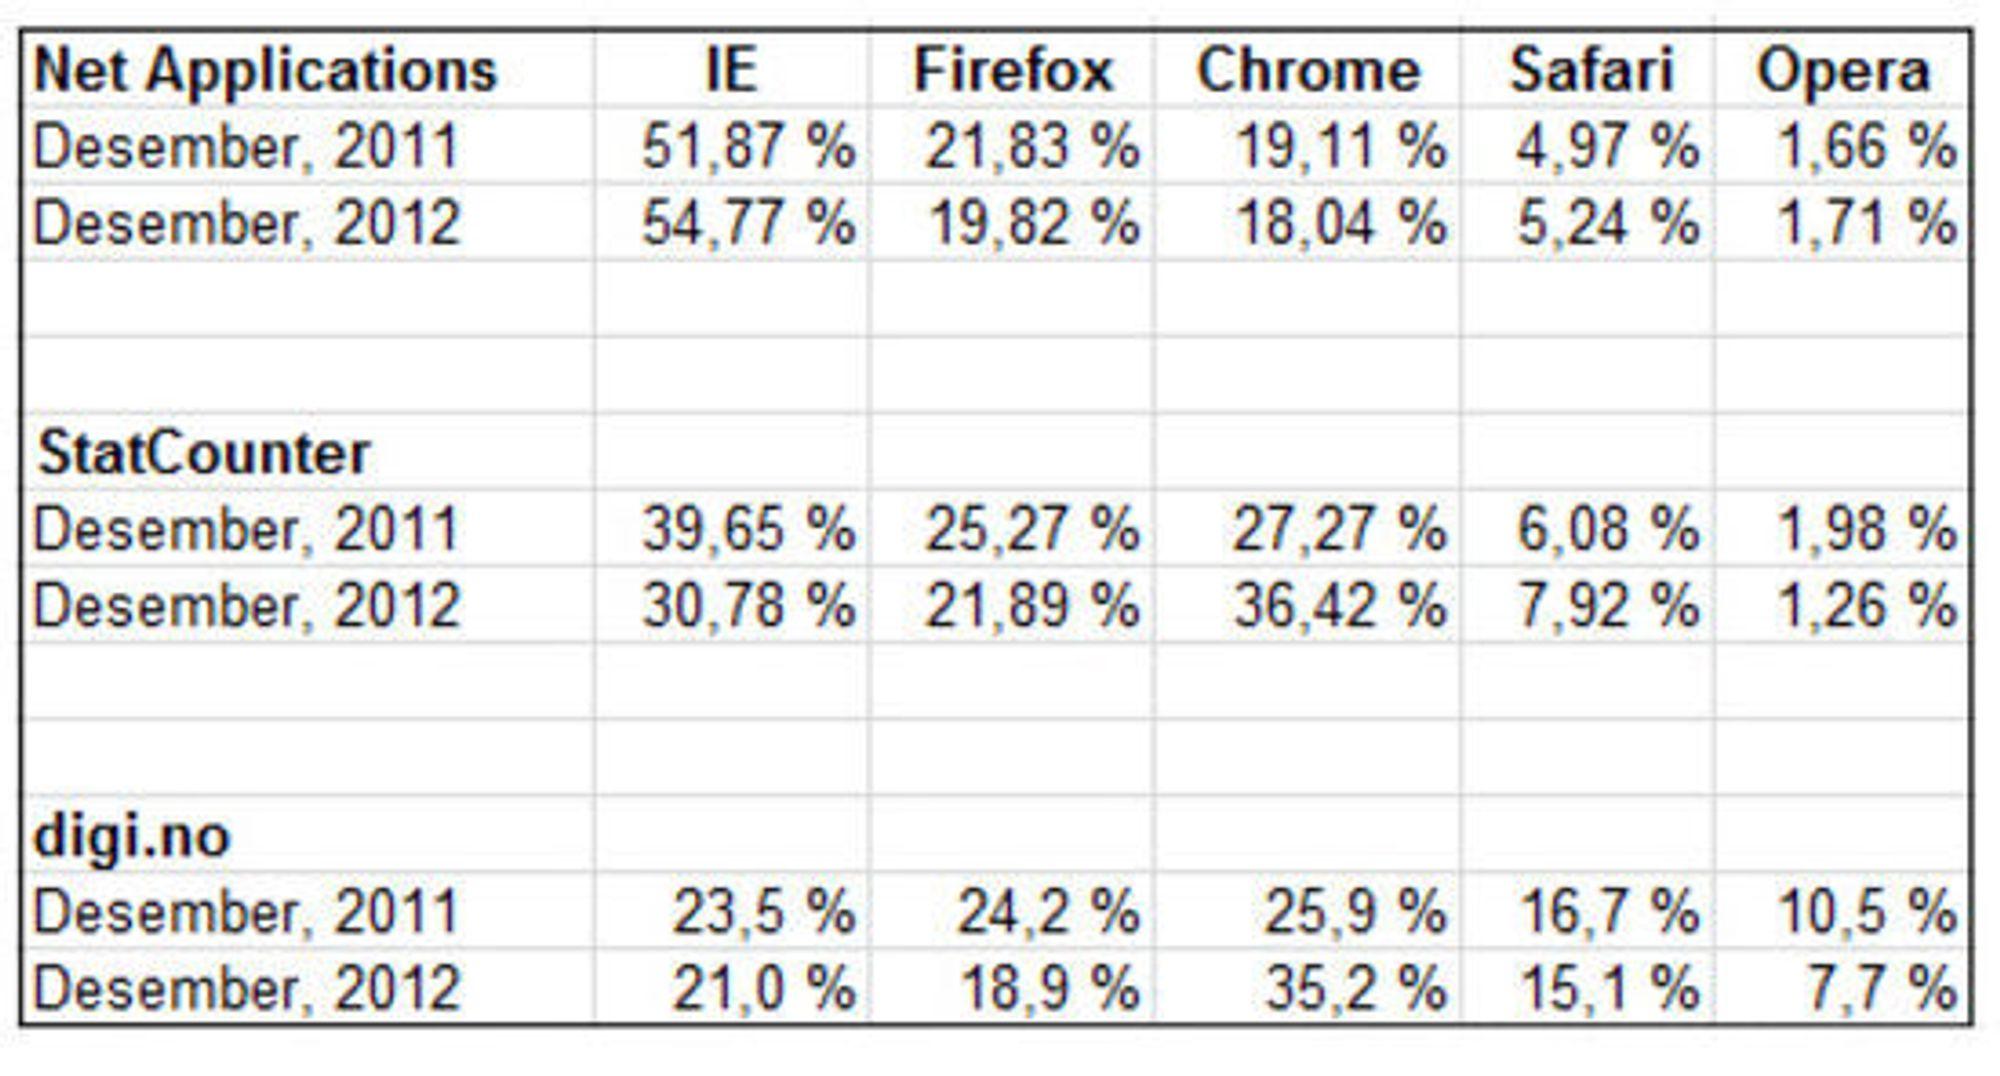 Utviklingen i markedsandel til de fem største nettleserne, fra desember 2011 til desember 2012.